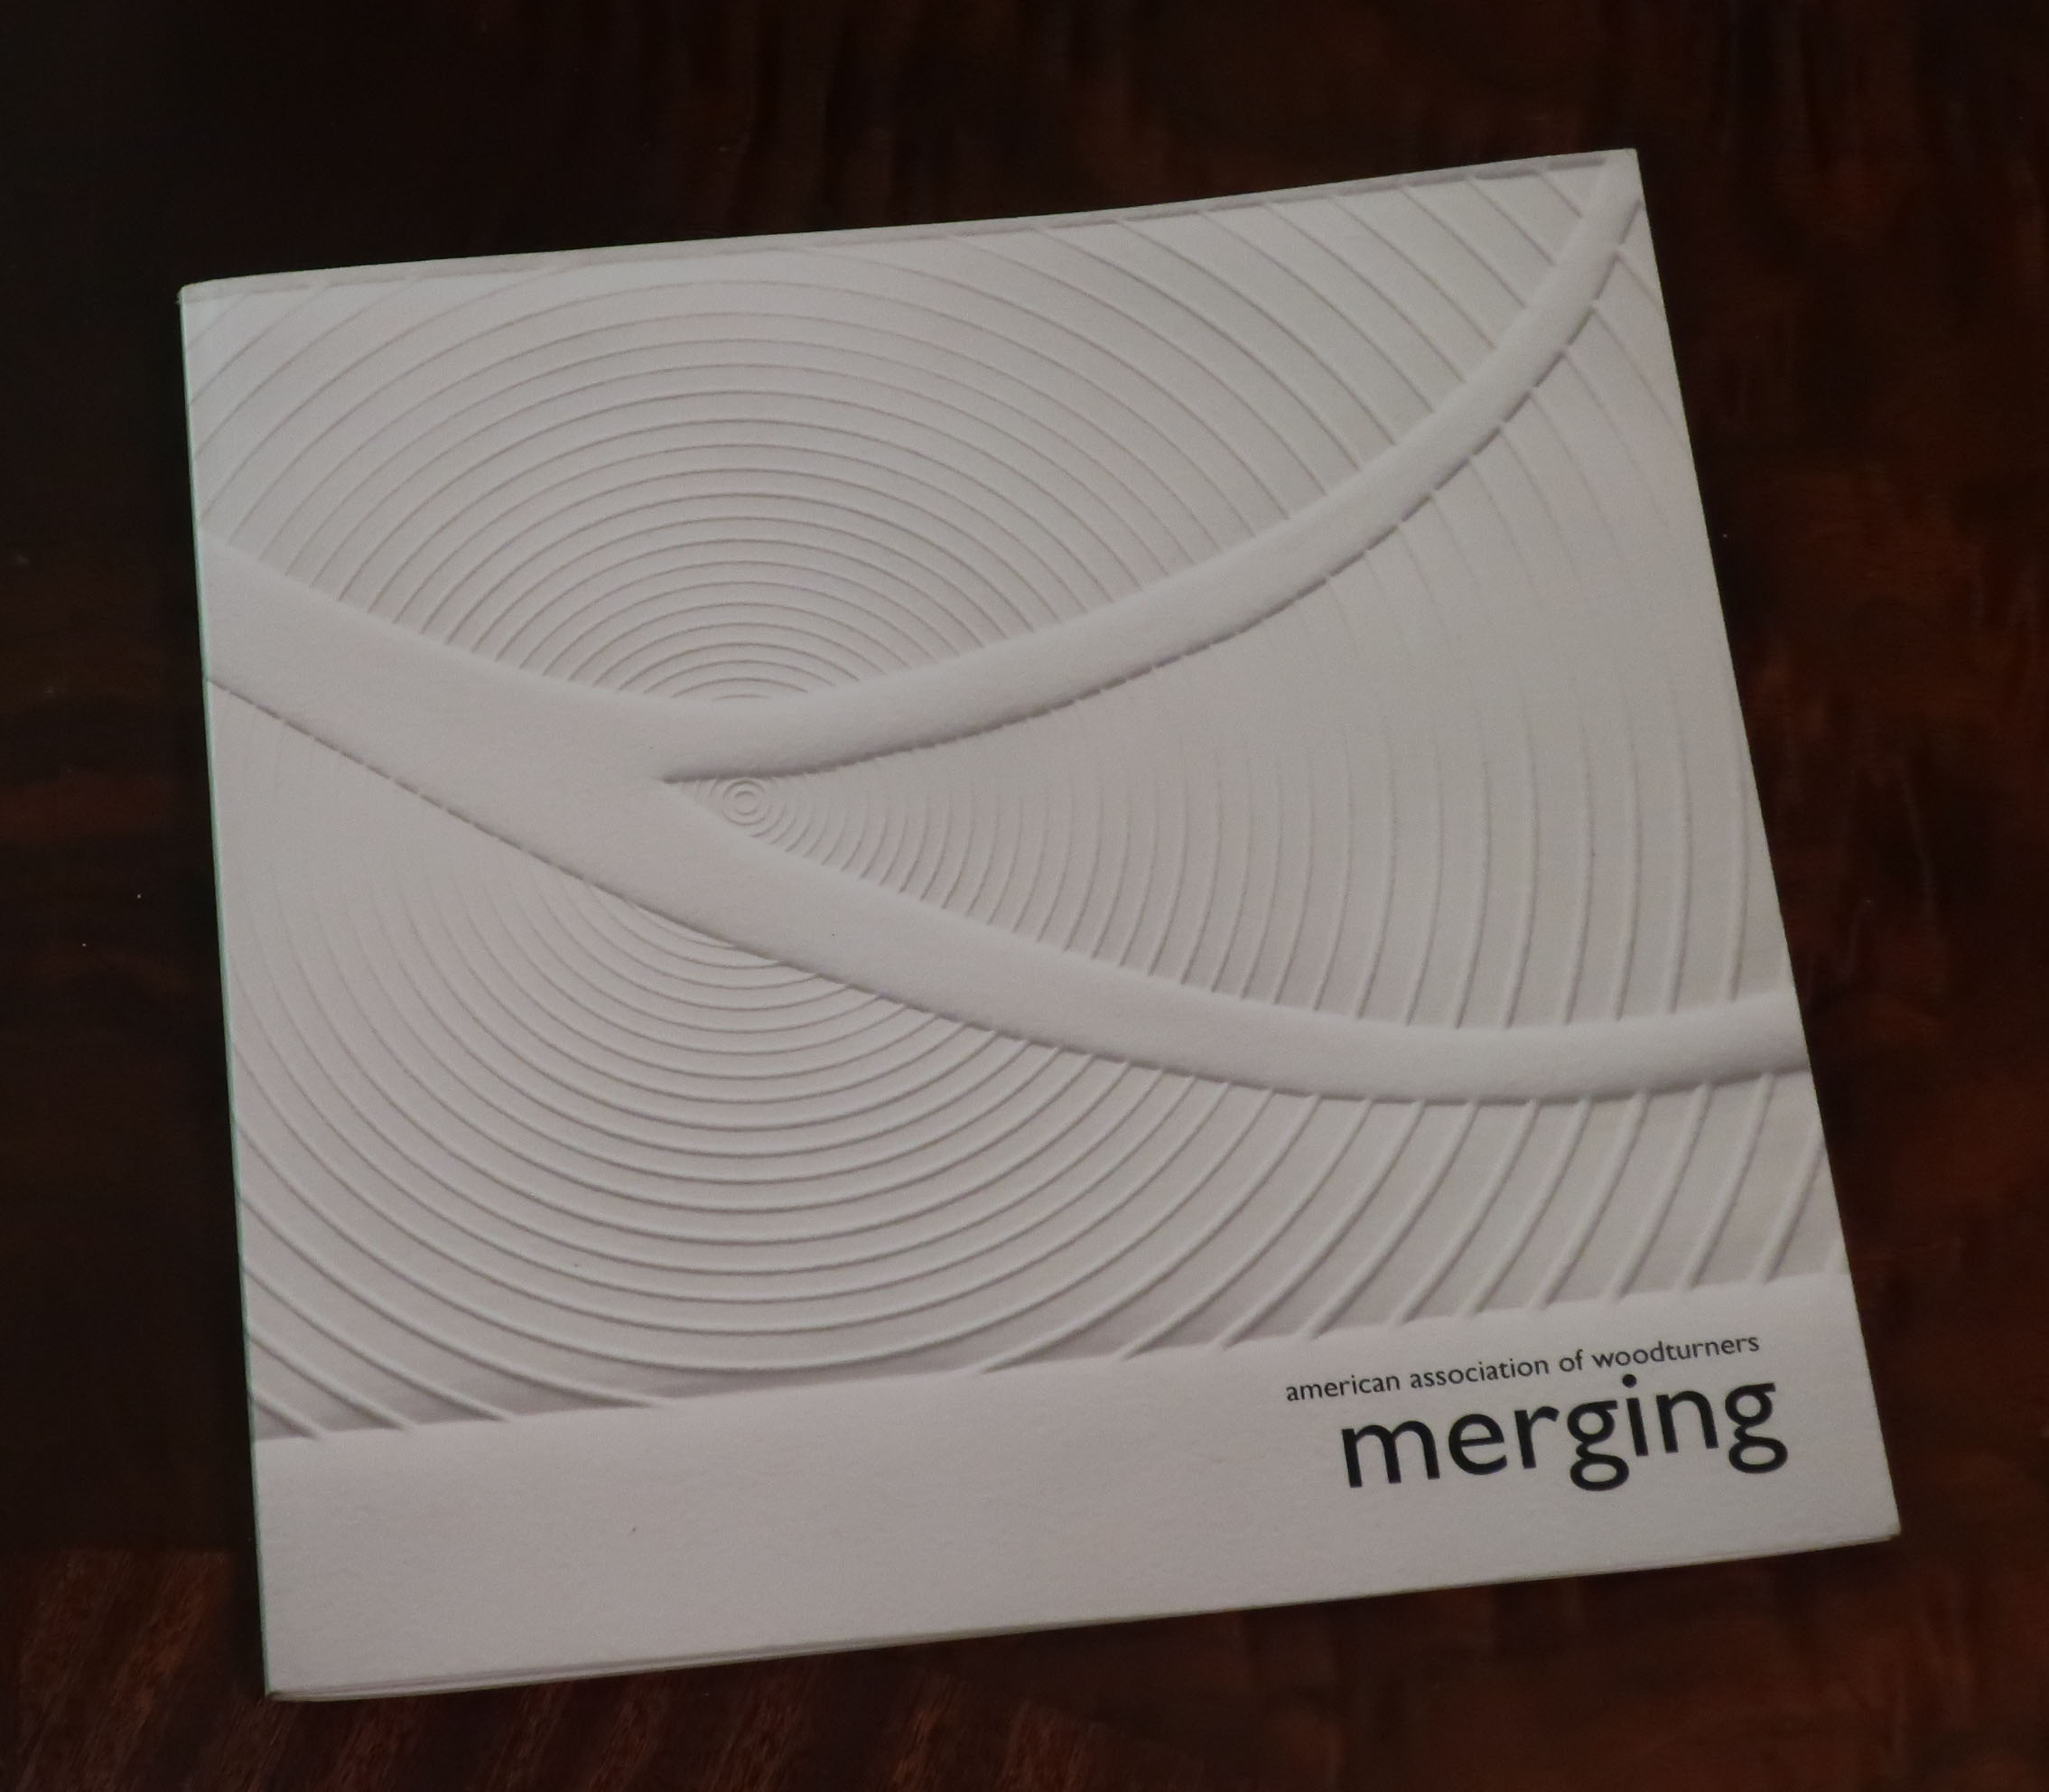 Merging cover.jpg